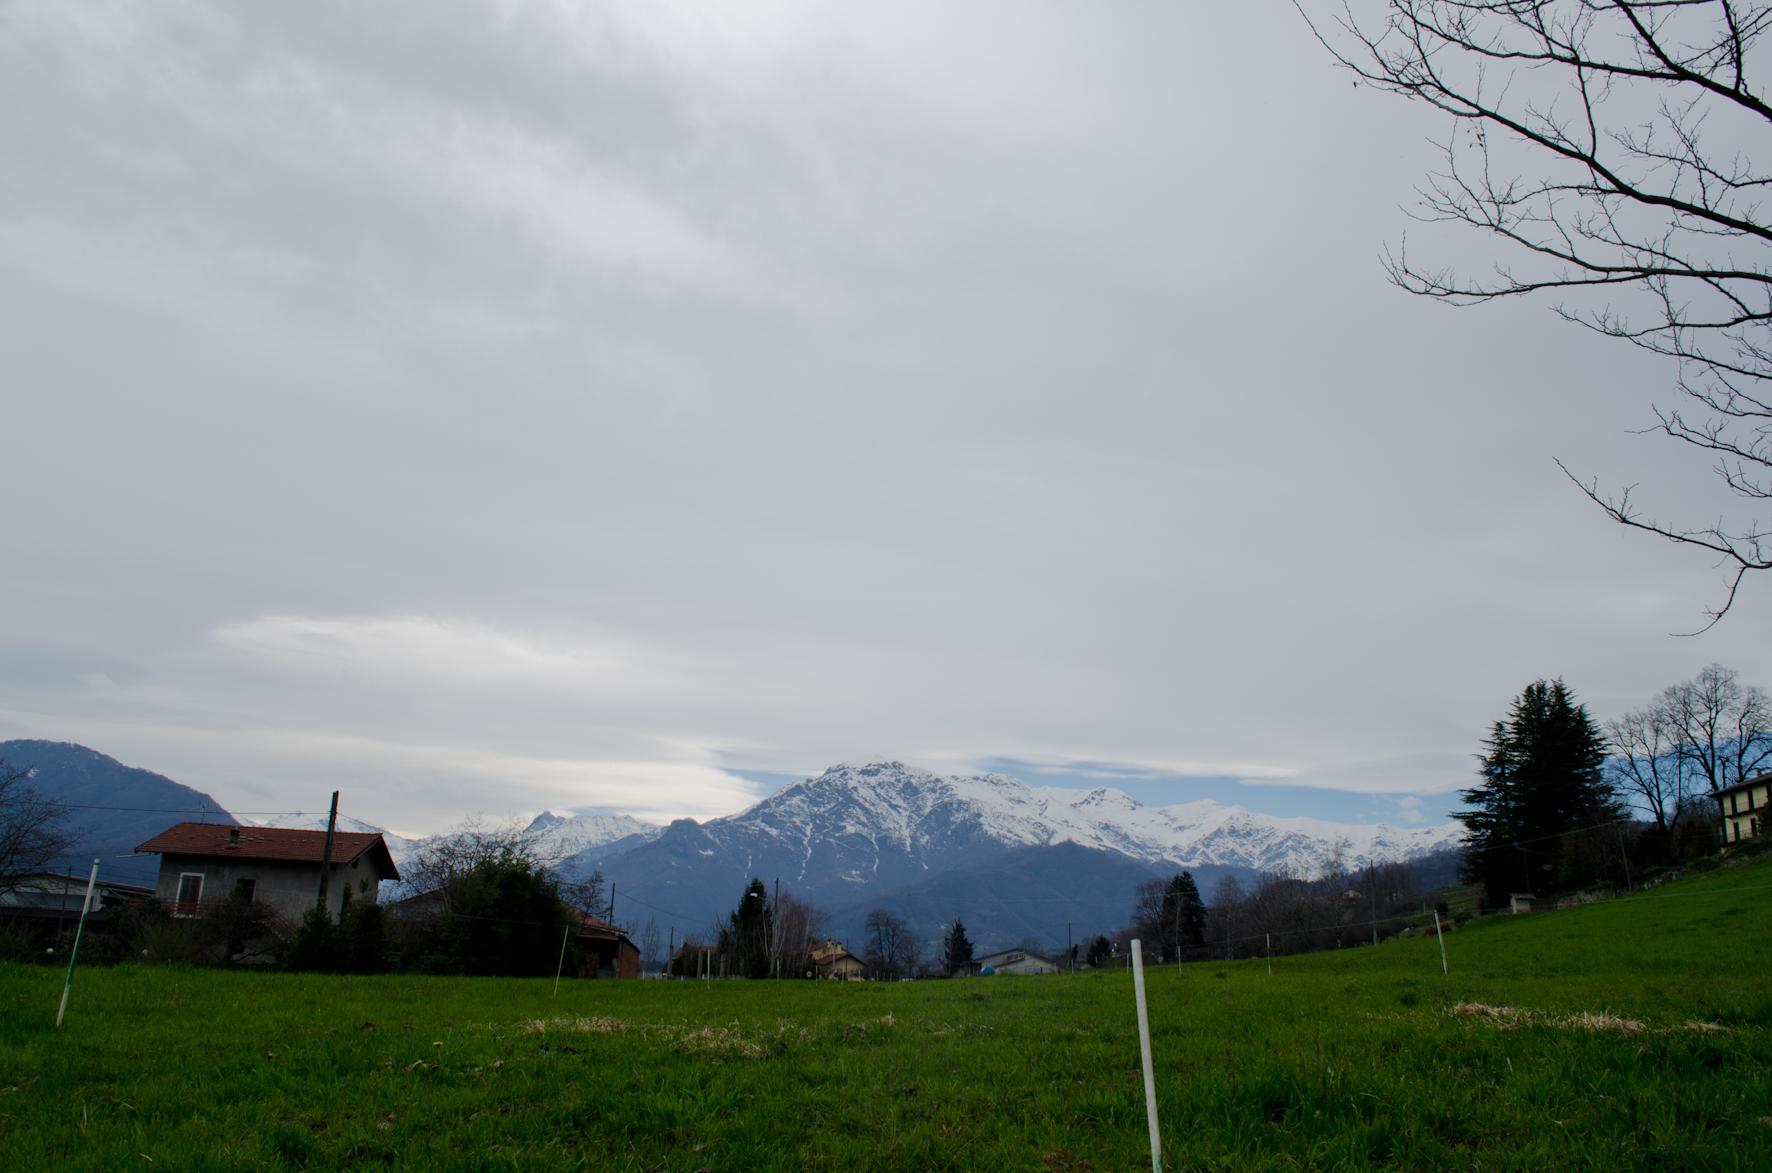 Il monte Vandalino, alto 2140 metri (qui visto dalla Coustera di Luserna San Giovanni).